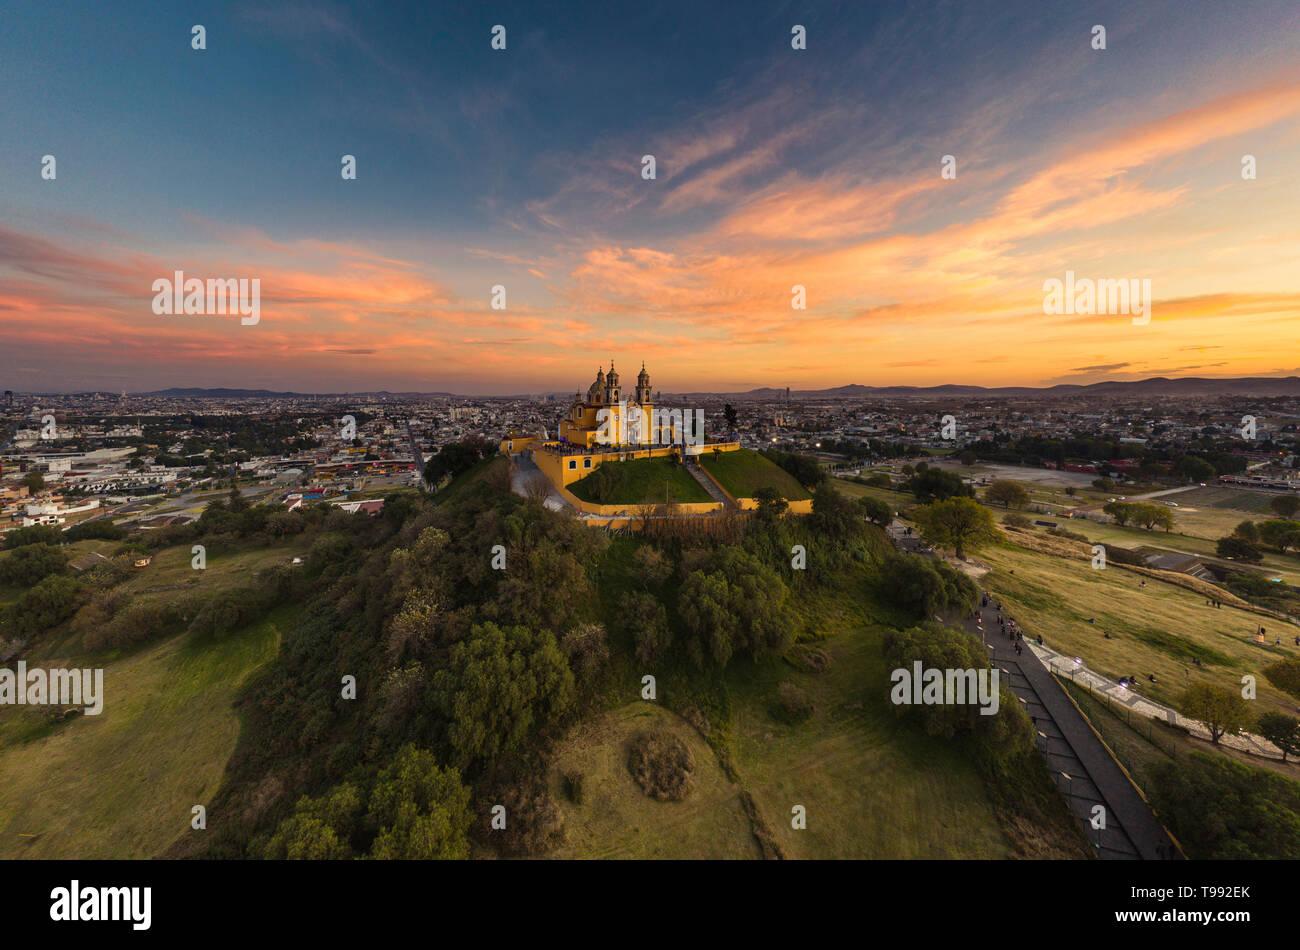 La Grande Piramide di Cholula è la piramide più grande del mondo, Cholula de Rivadavia, Puebla, Messico Foto Stock